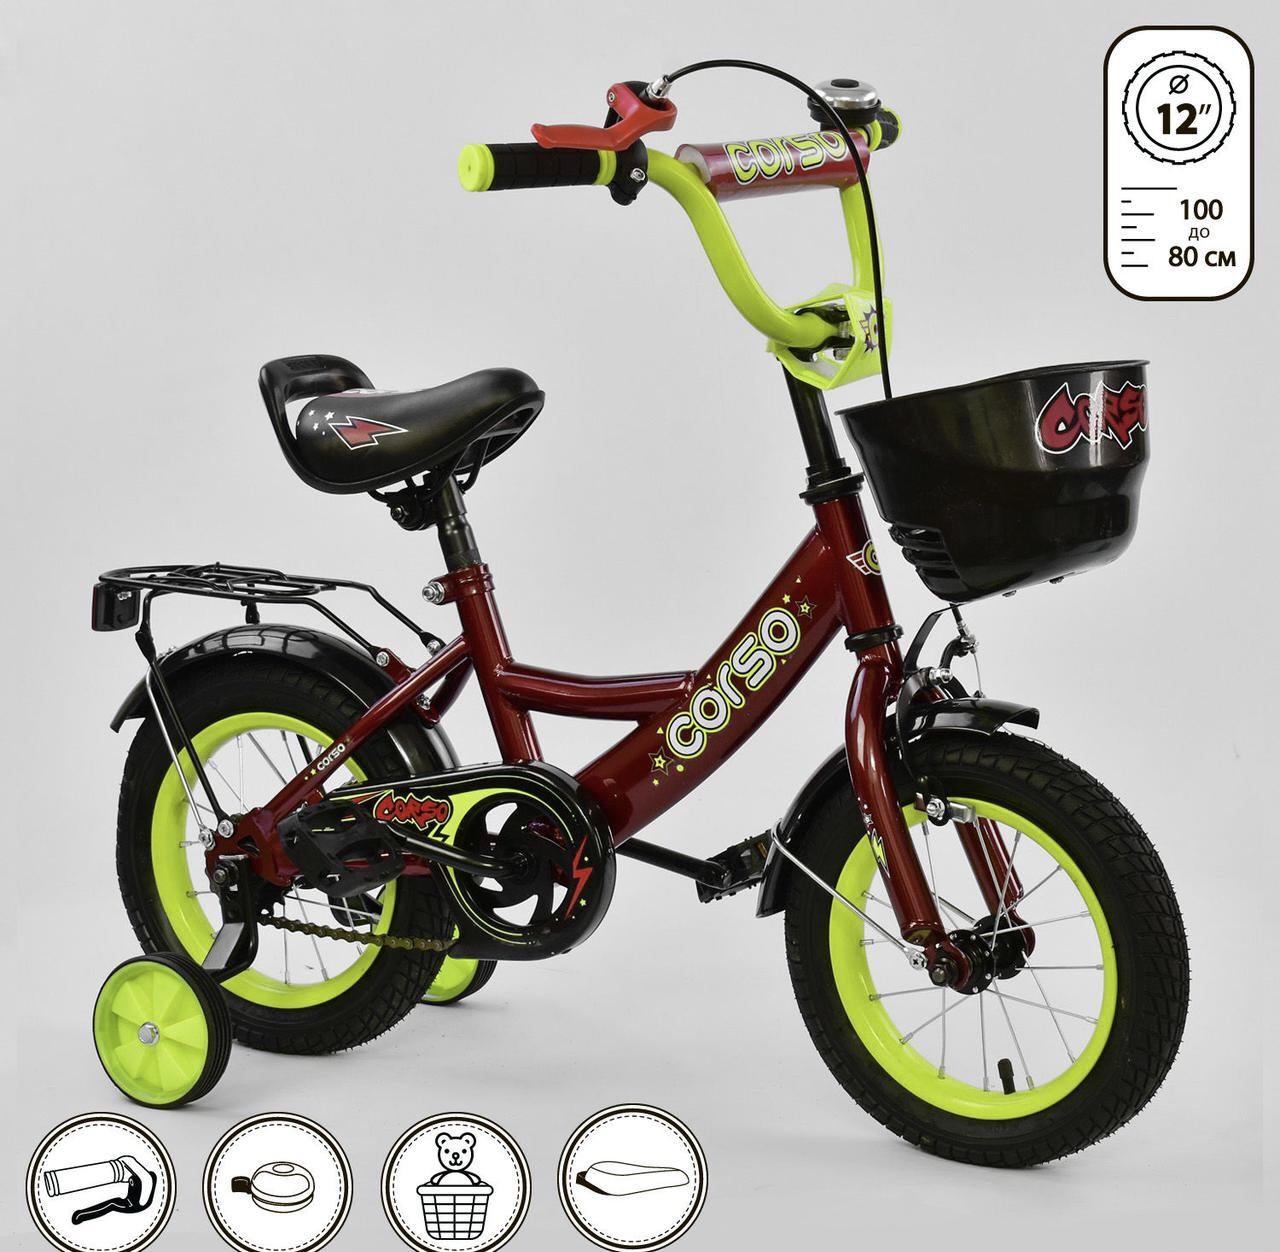 Велосипед 12 дюймов 2х колёсный CORSO G-12041  ручной тормоз звоночек сидение с ручкой доп. колеса